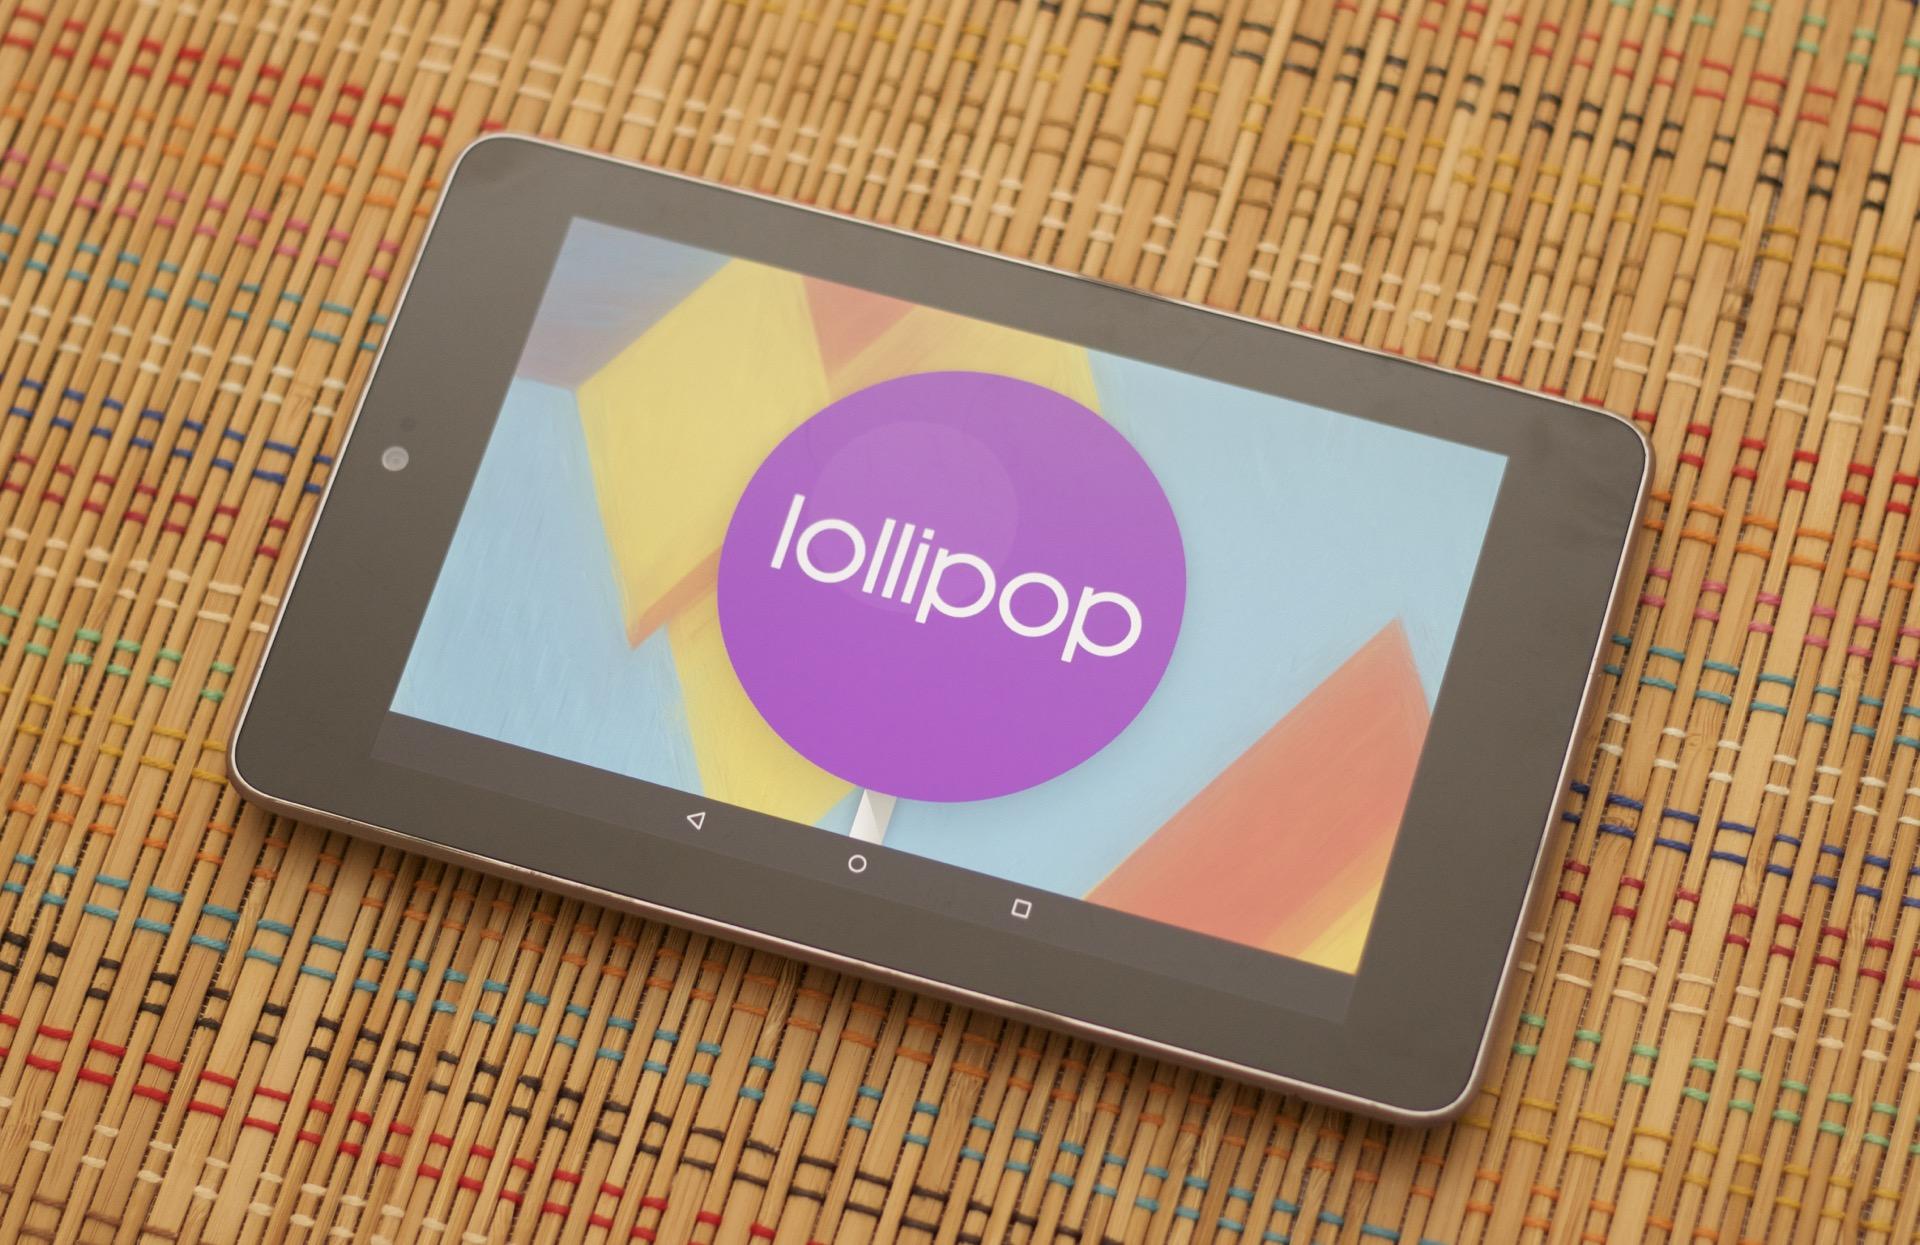 Android 5.0.2 est disponible : voici les liens pour télécharger la mise à jour sur Nexus 7